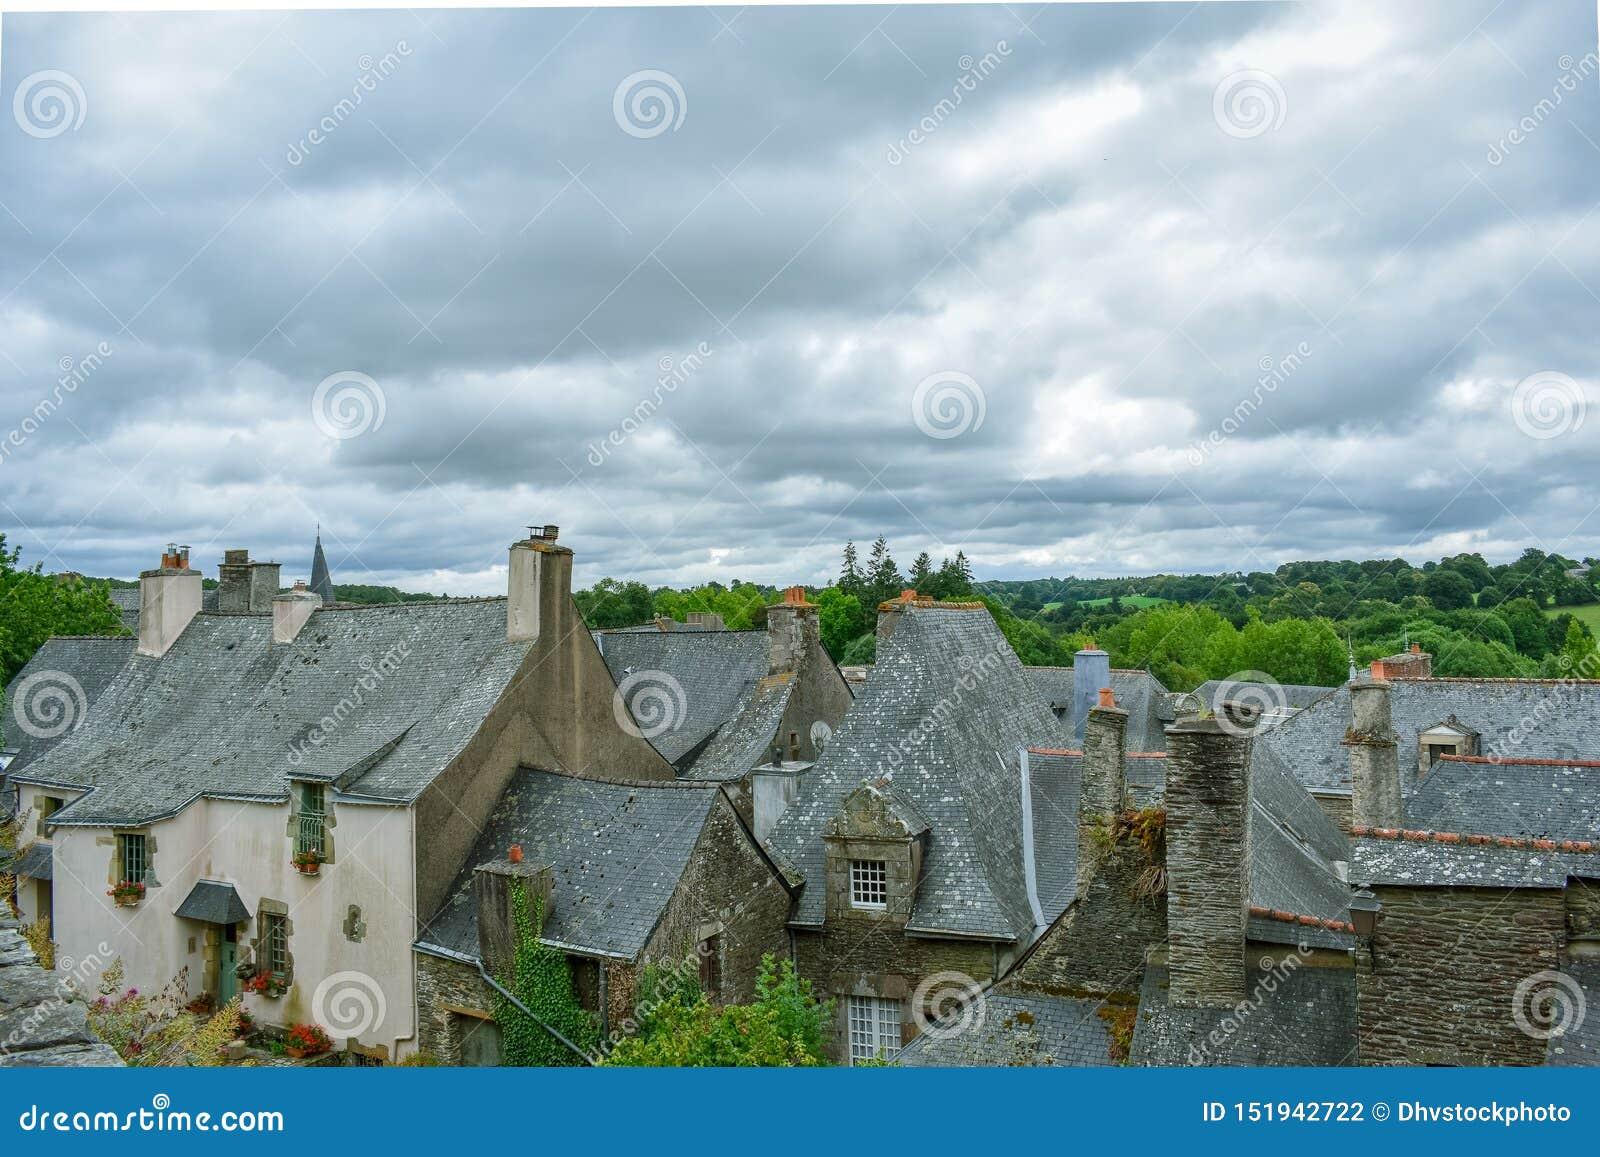 Daken van de oude huizen in rochefort-Engels-Terre, Frans Bretagne